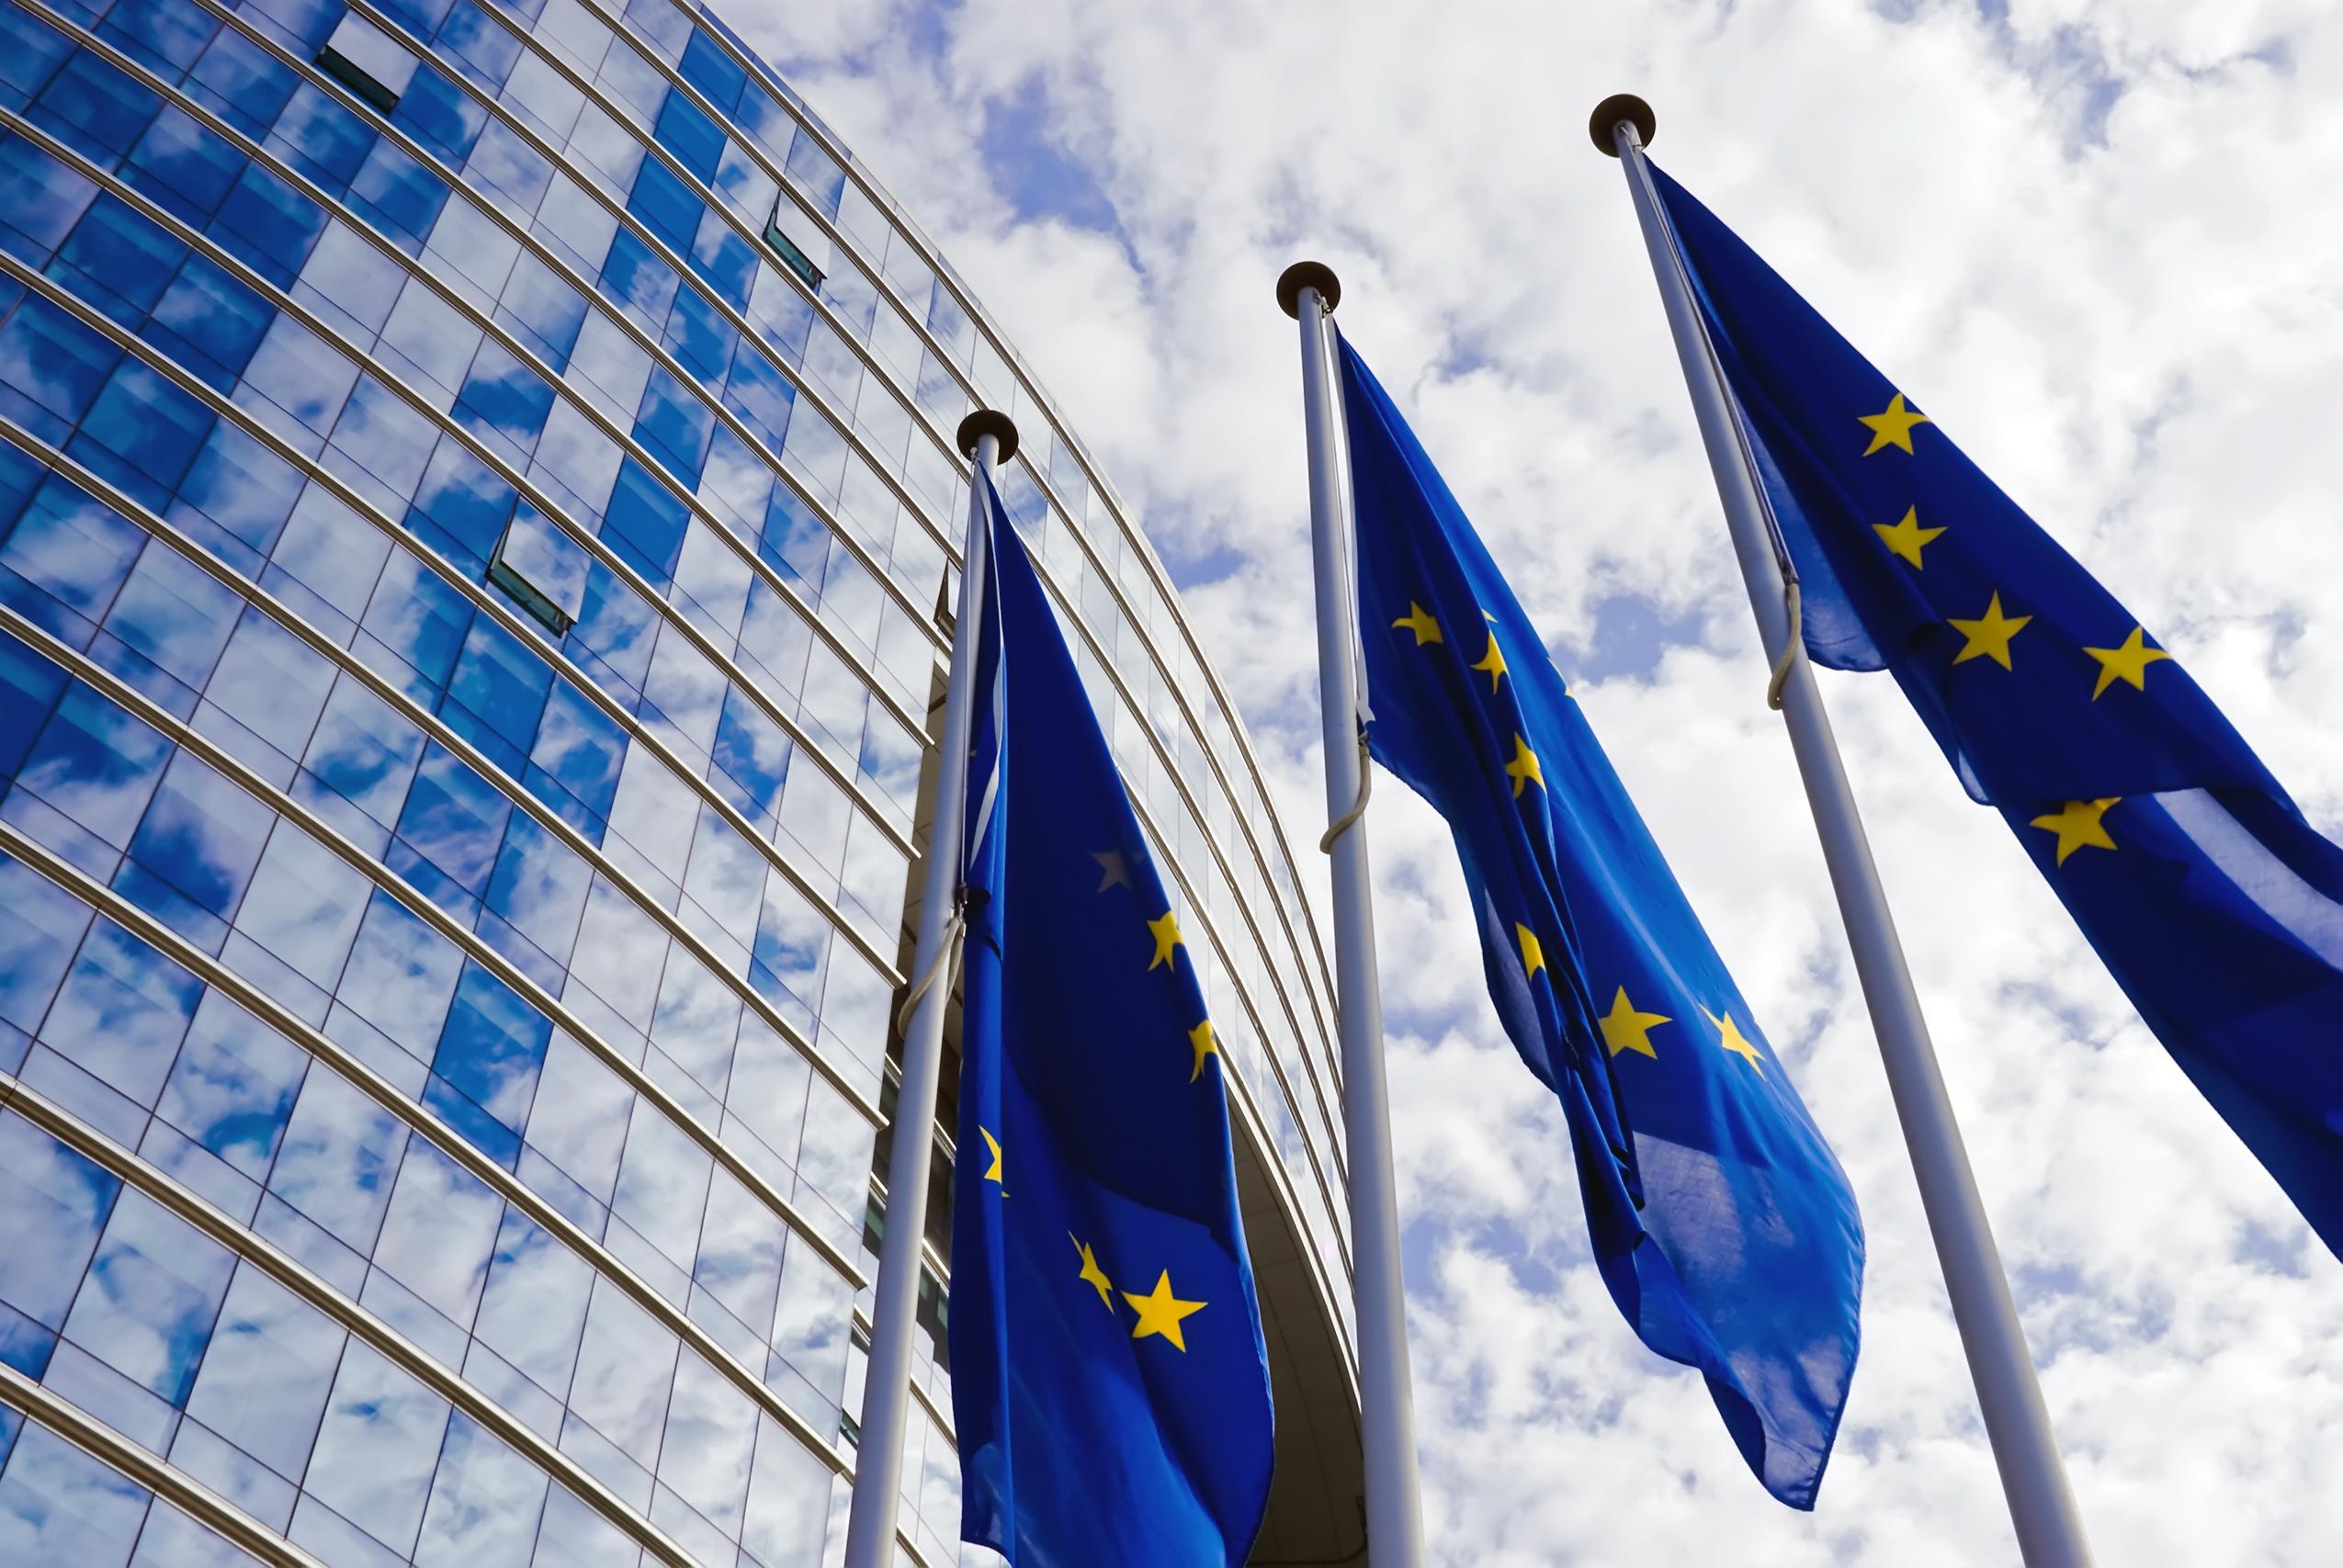 Il Regolamento Europeo 2016/1191  sullo scambio di alcuni documenti pubblici